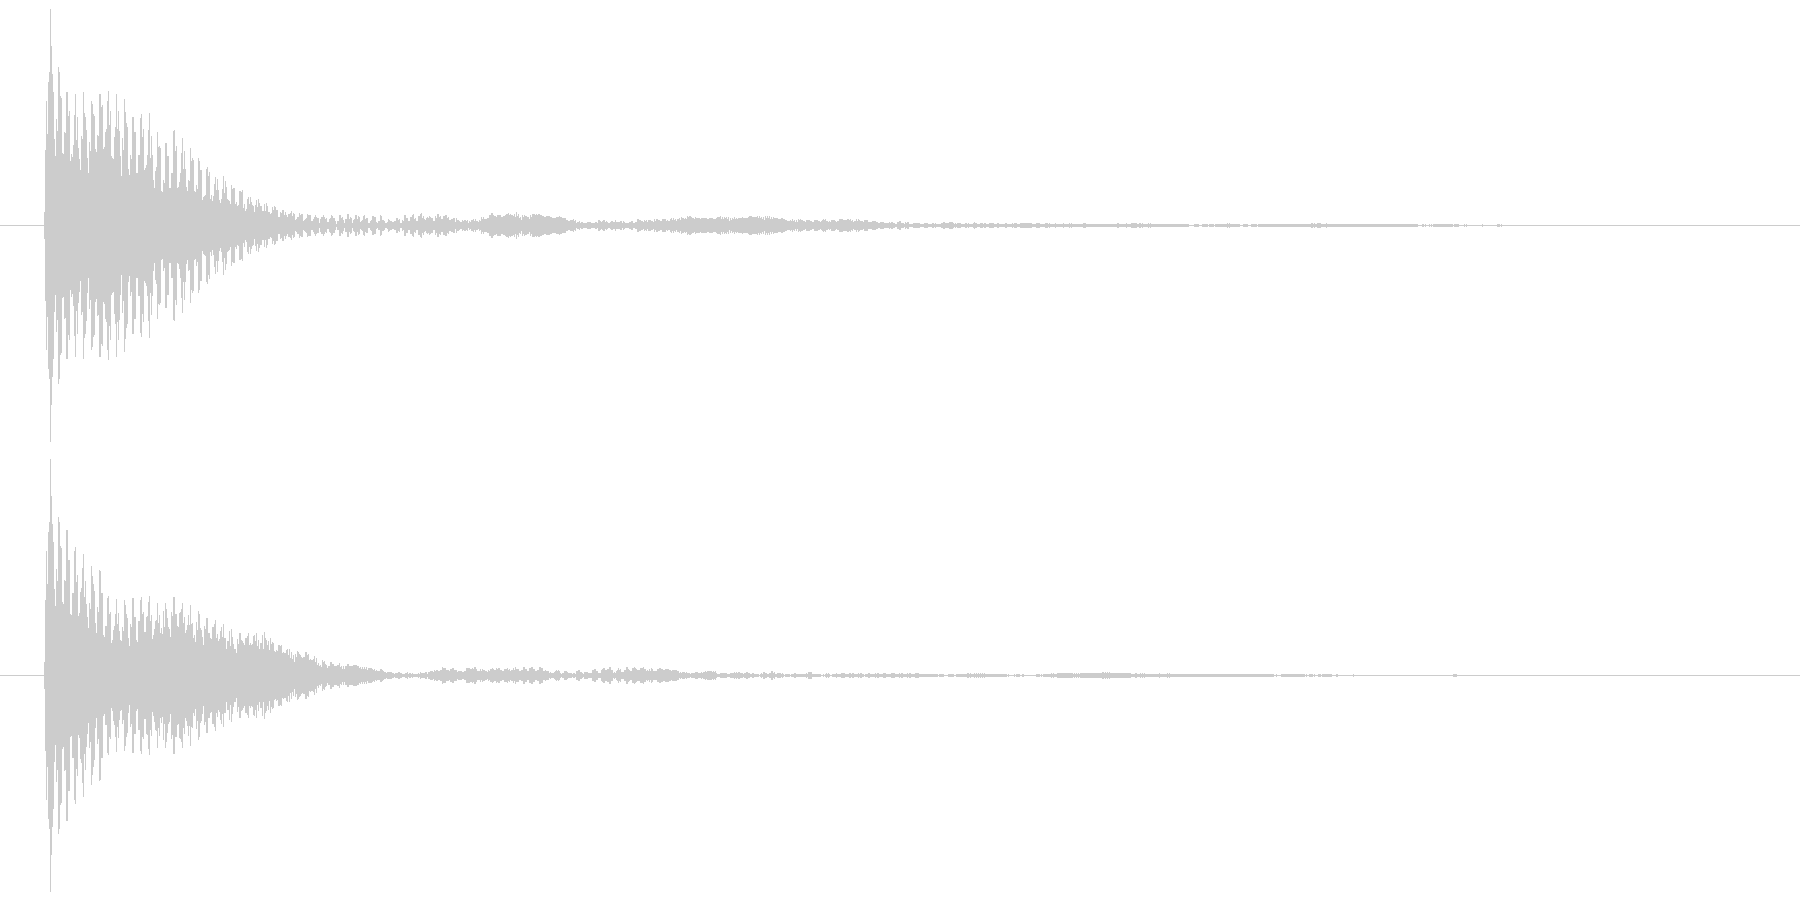 ポン カーソル音 タップ音 F#-07_の未再生の波形